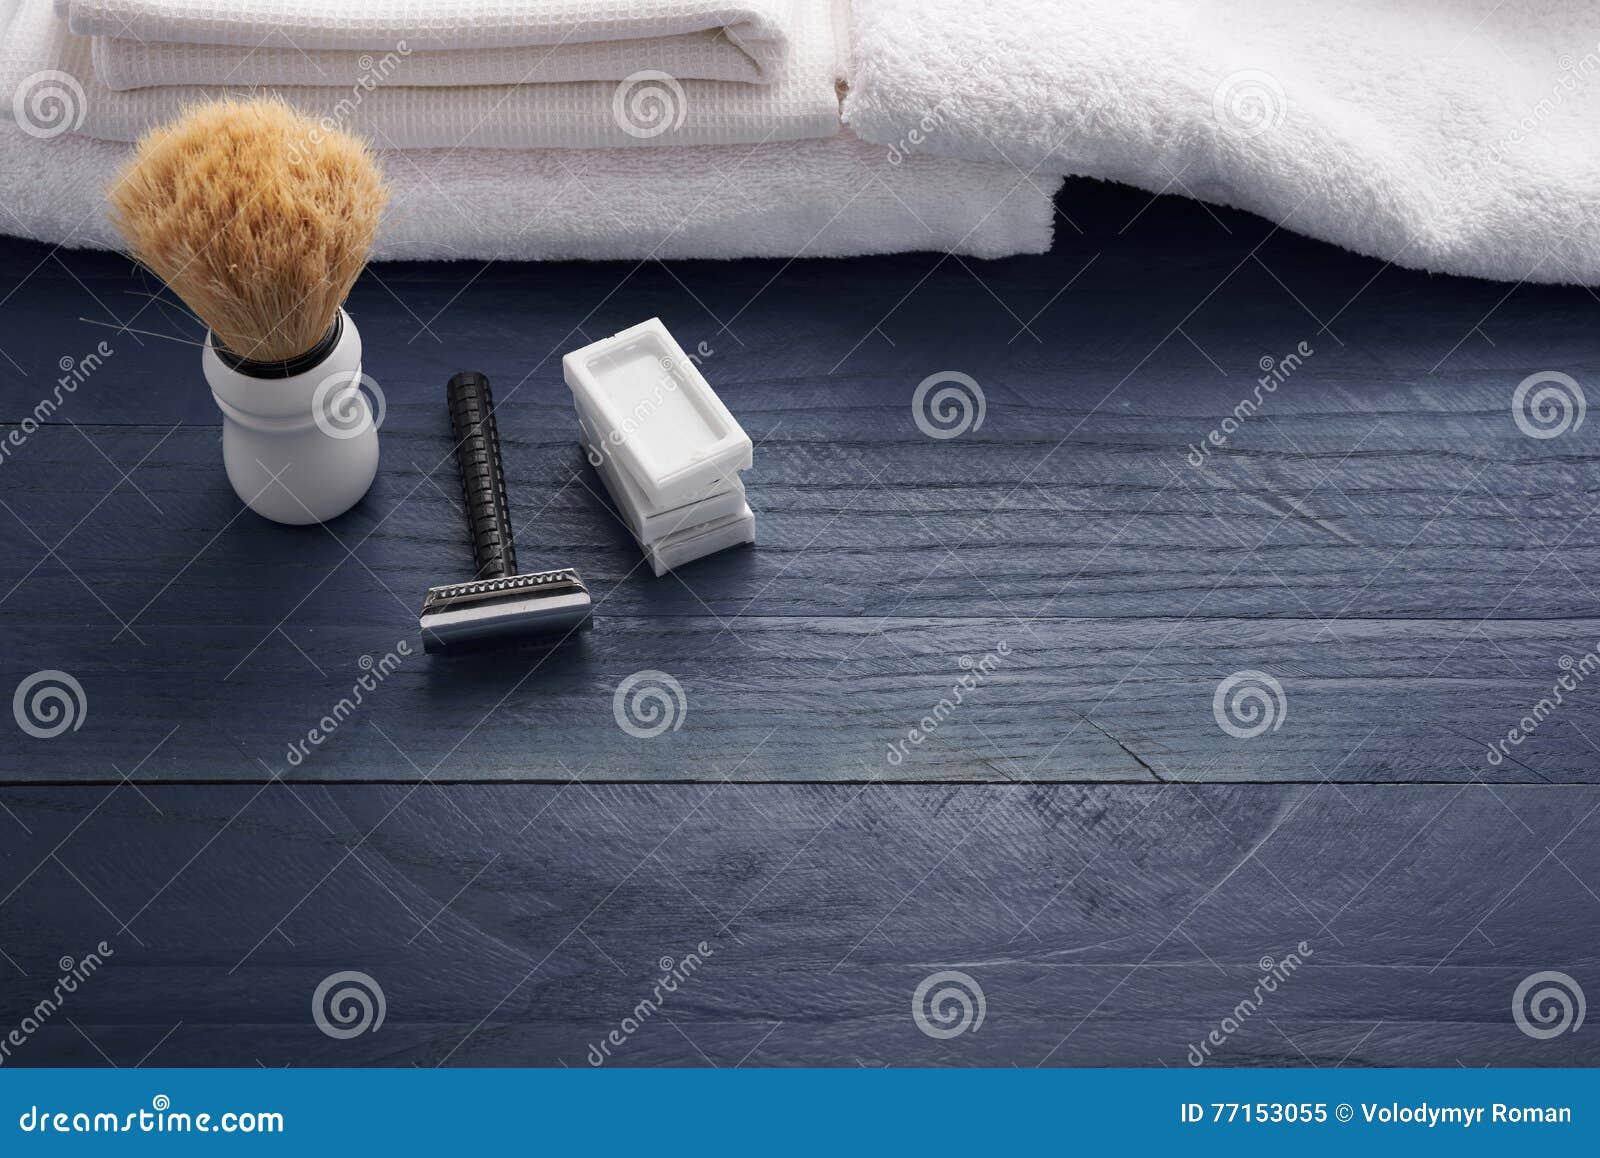 Rasage du rasoir et de la brosse